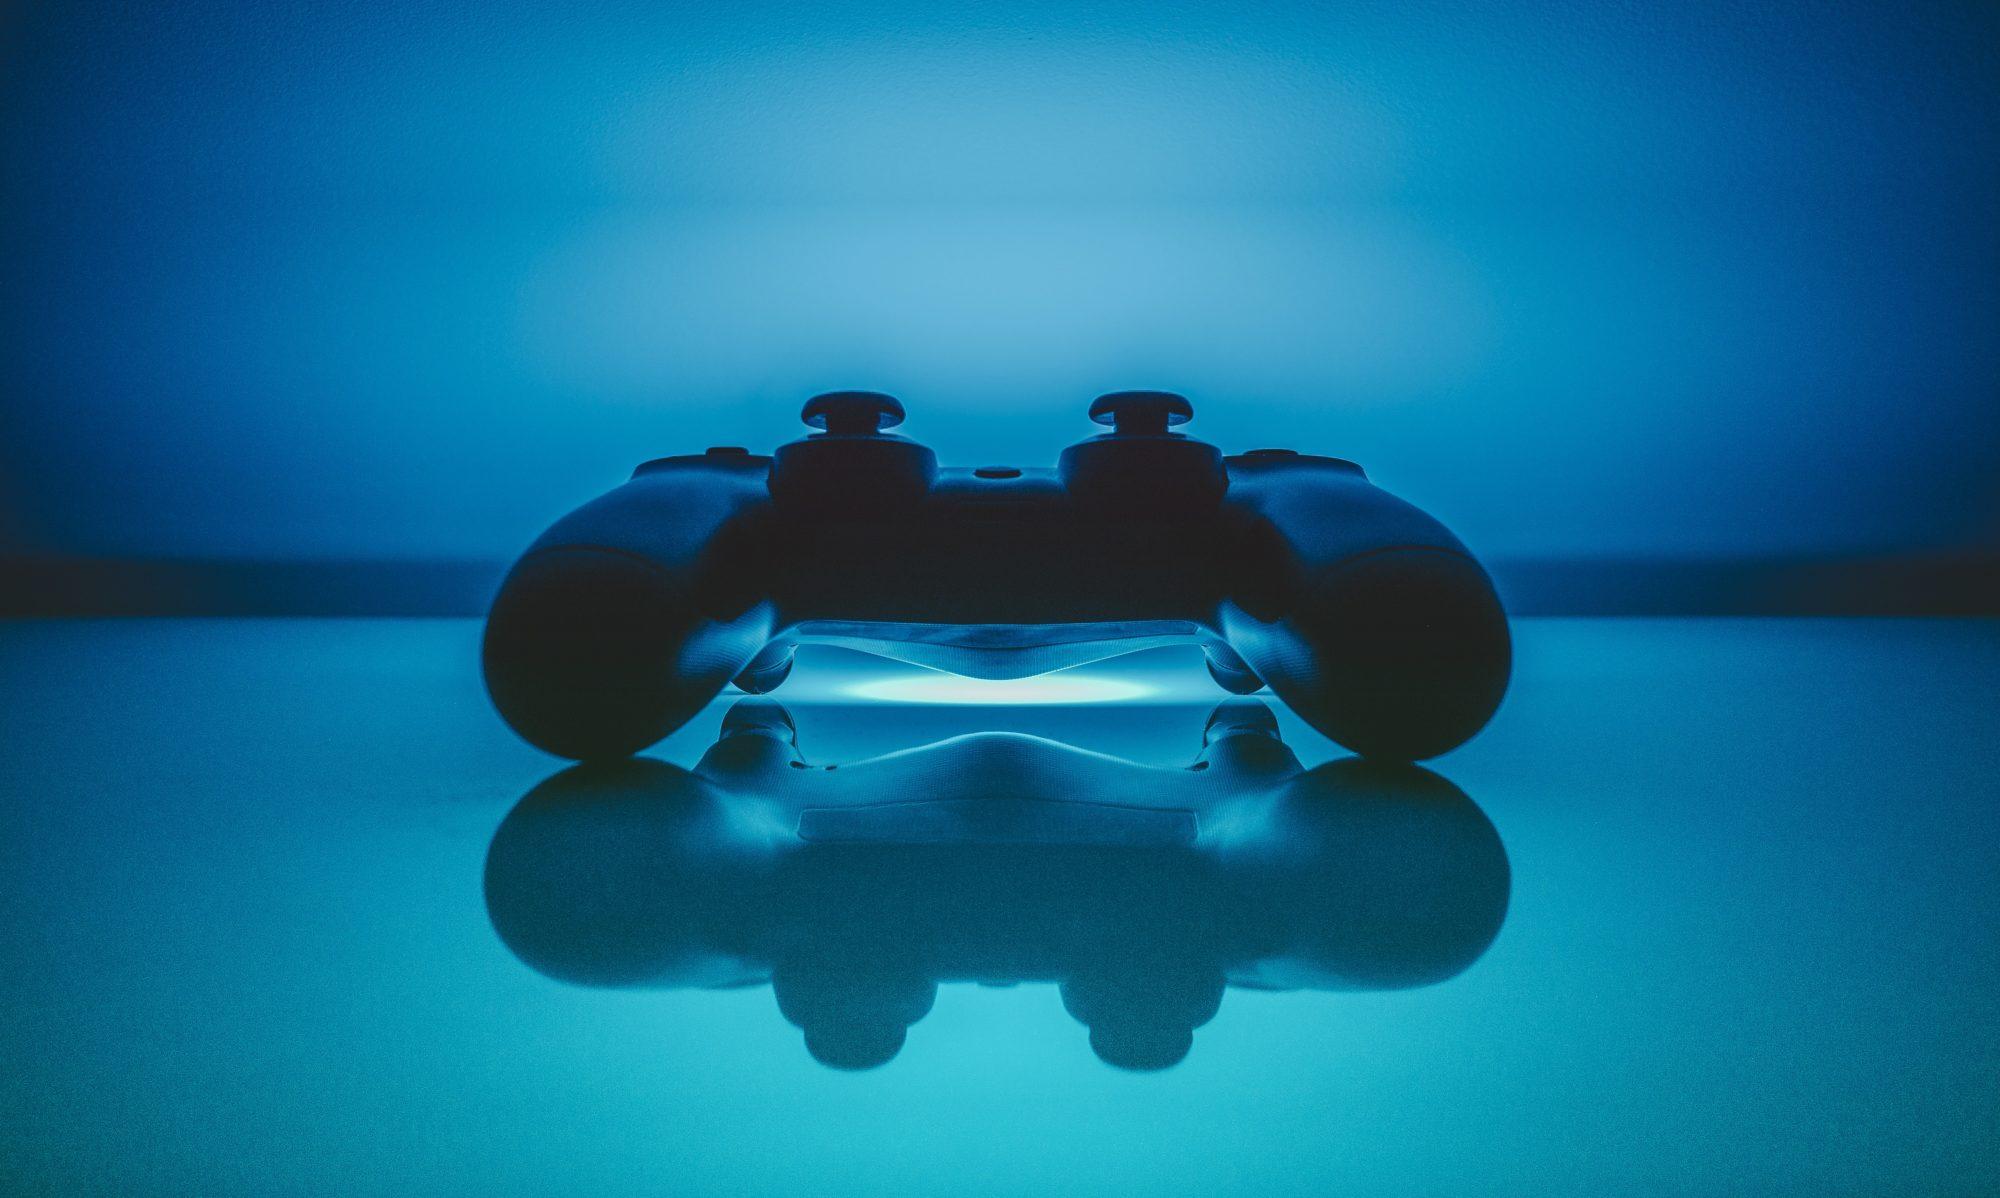 Porady i sztuczki w grach android, na konsole i na PC